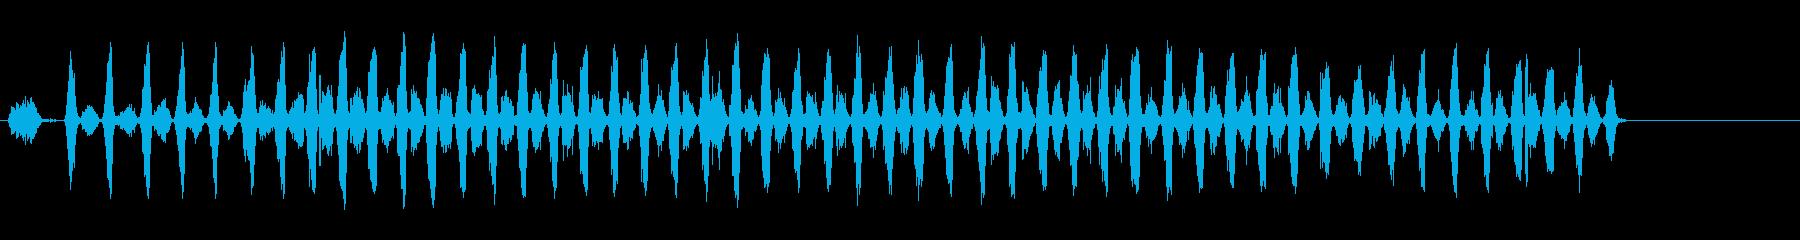 ハンドソー2; FX 61より高い...の再生済みの波形